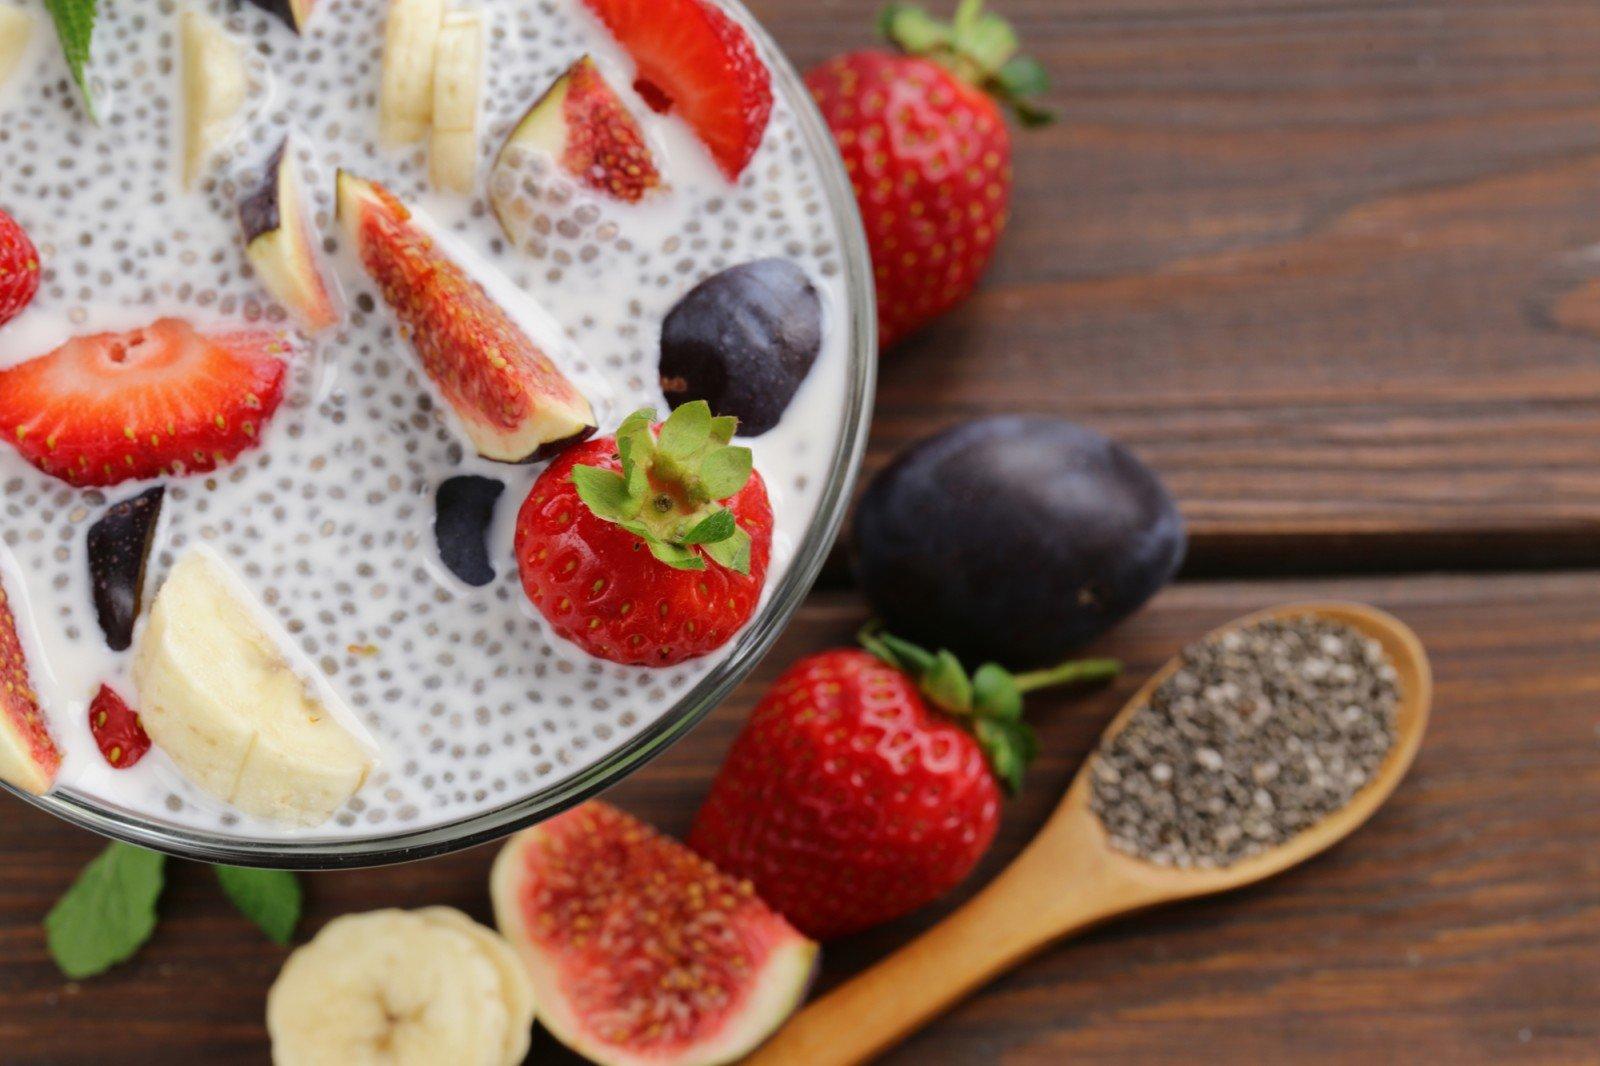 Чиа вытесняет авокадо! Как россияне выбирают здоровый образ жизни и меняют вкусовые предпочтения